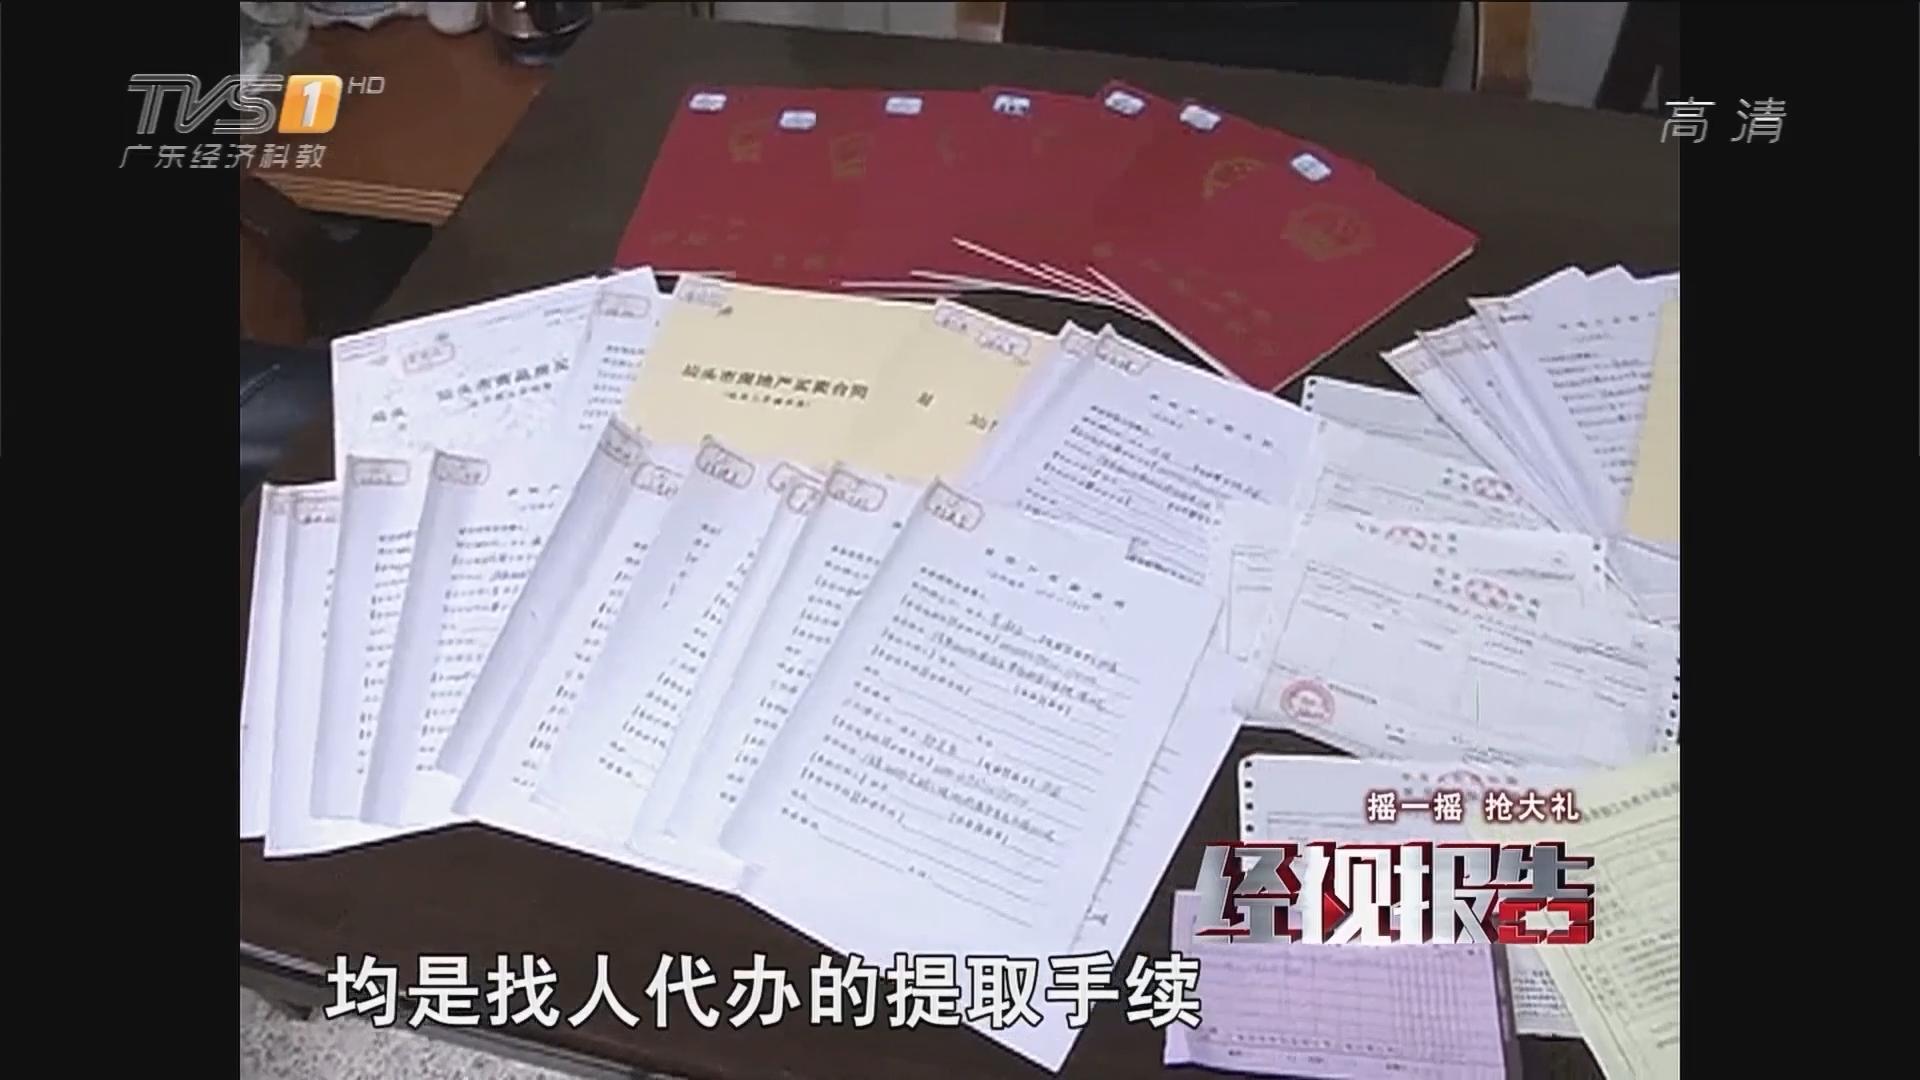 汕头:伪造印章骗提公积金 涉案金额超500万